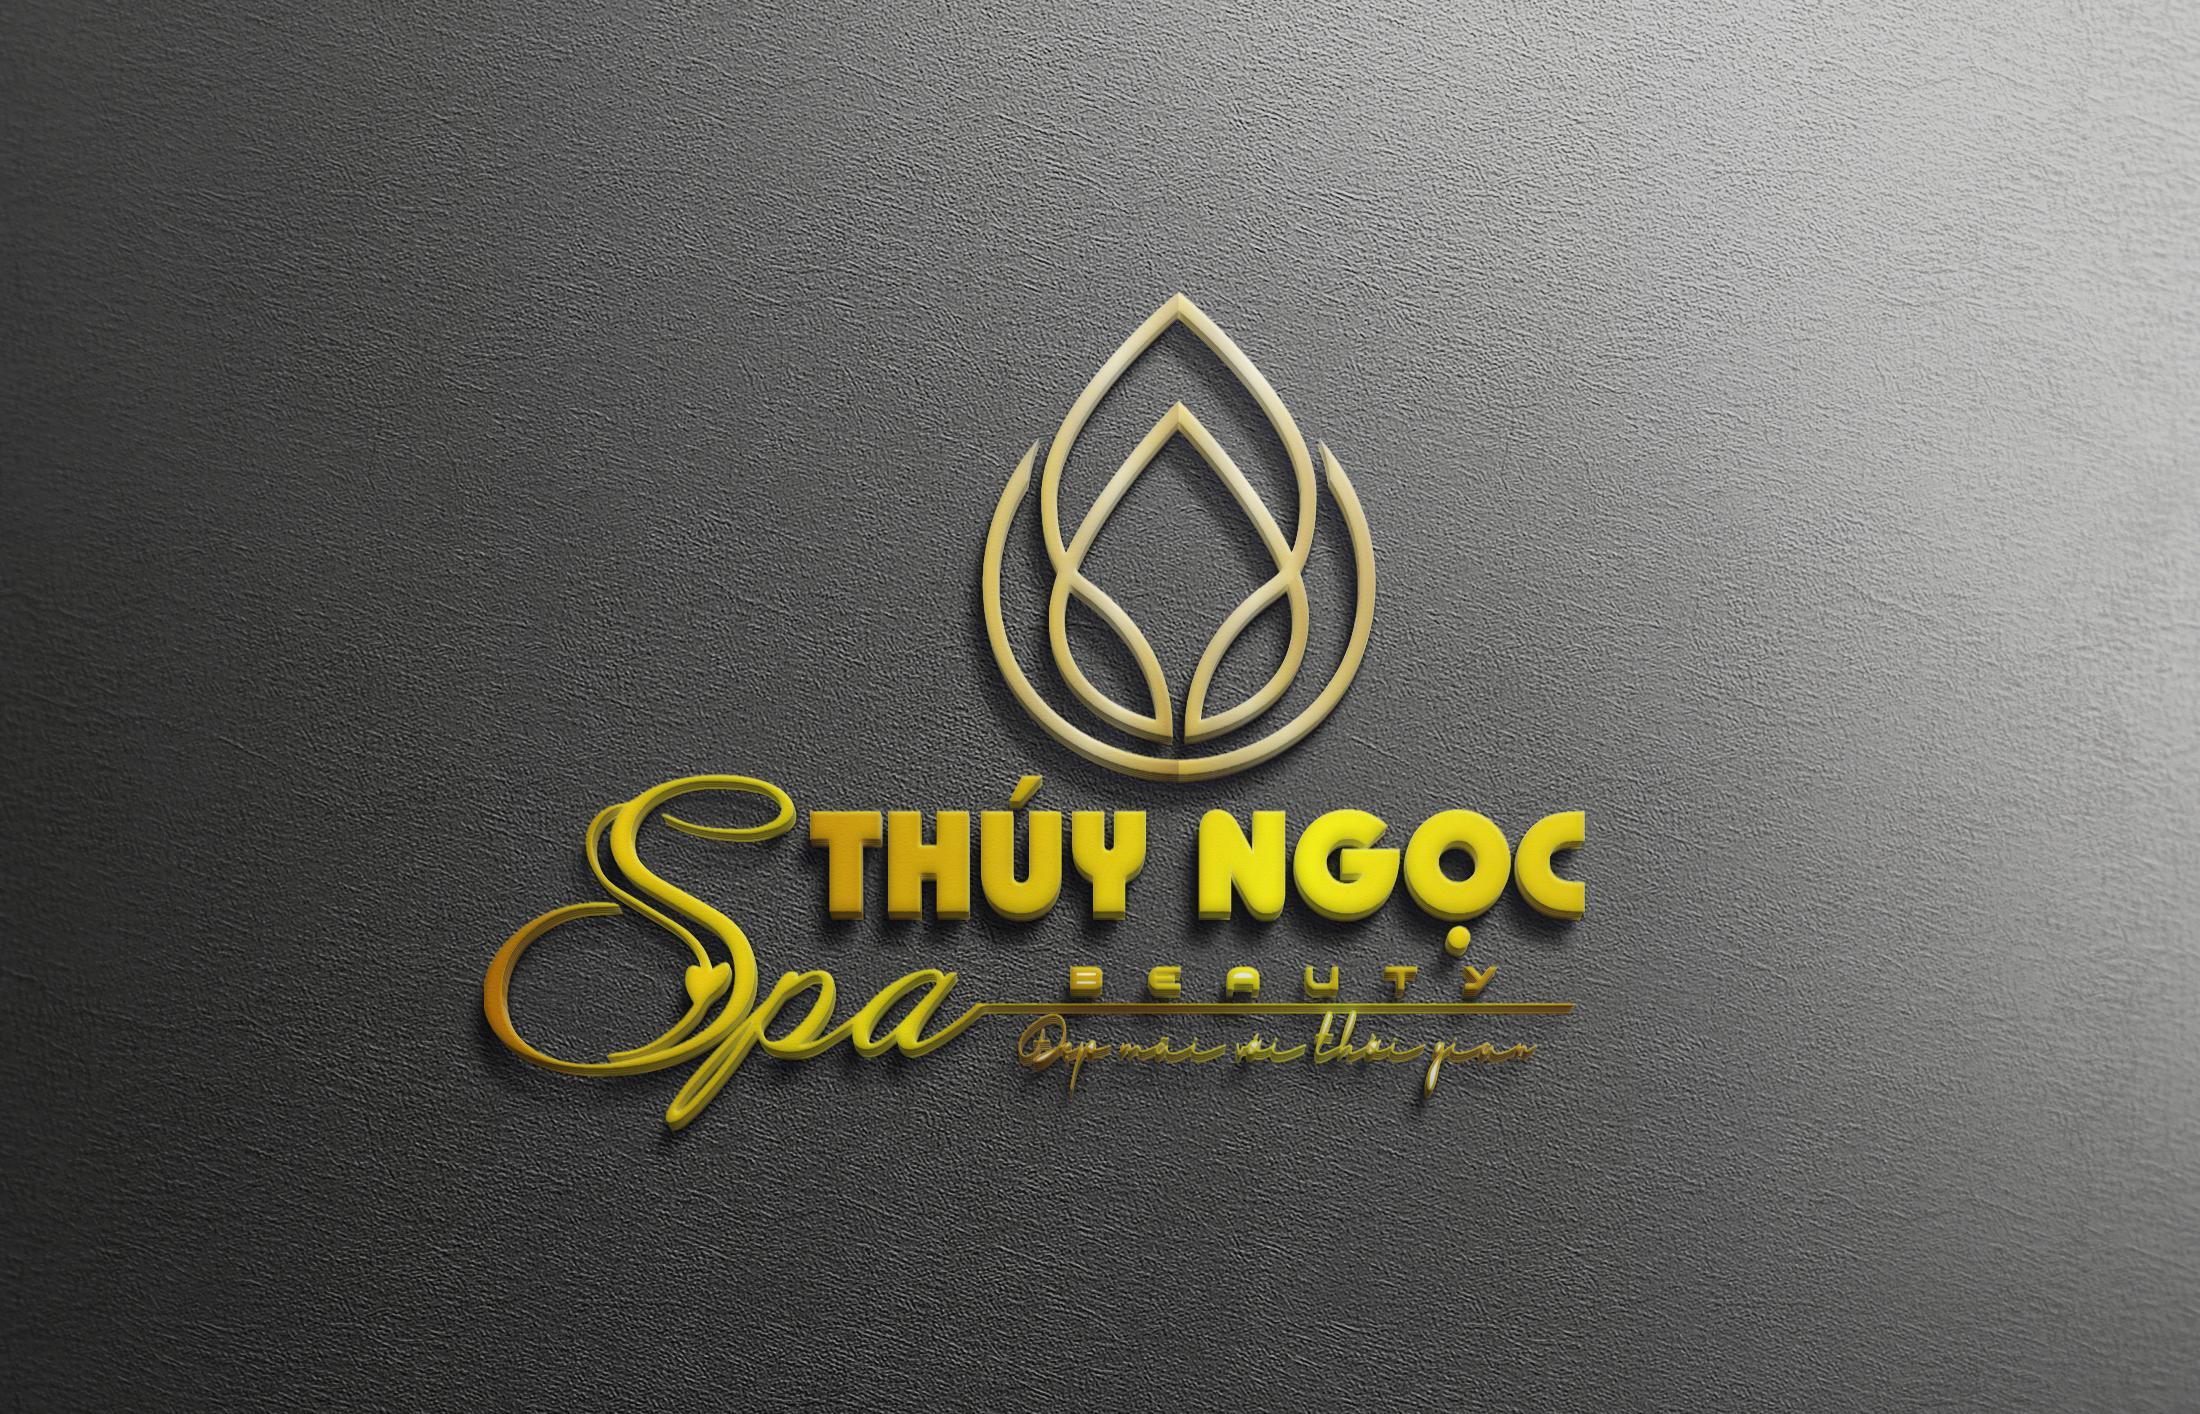 logo thuý ngọc spa 2